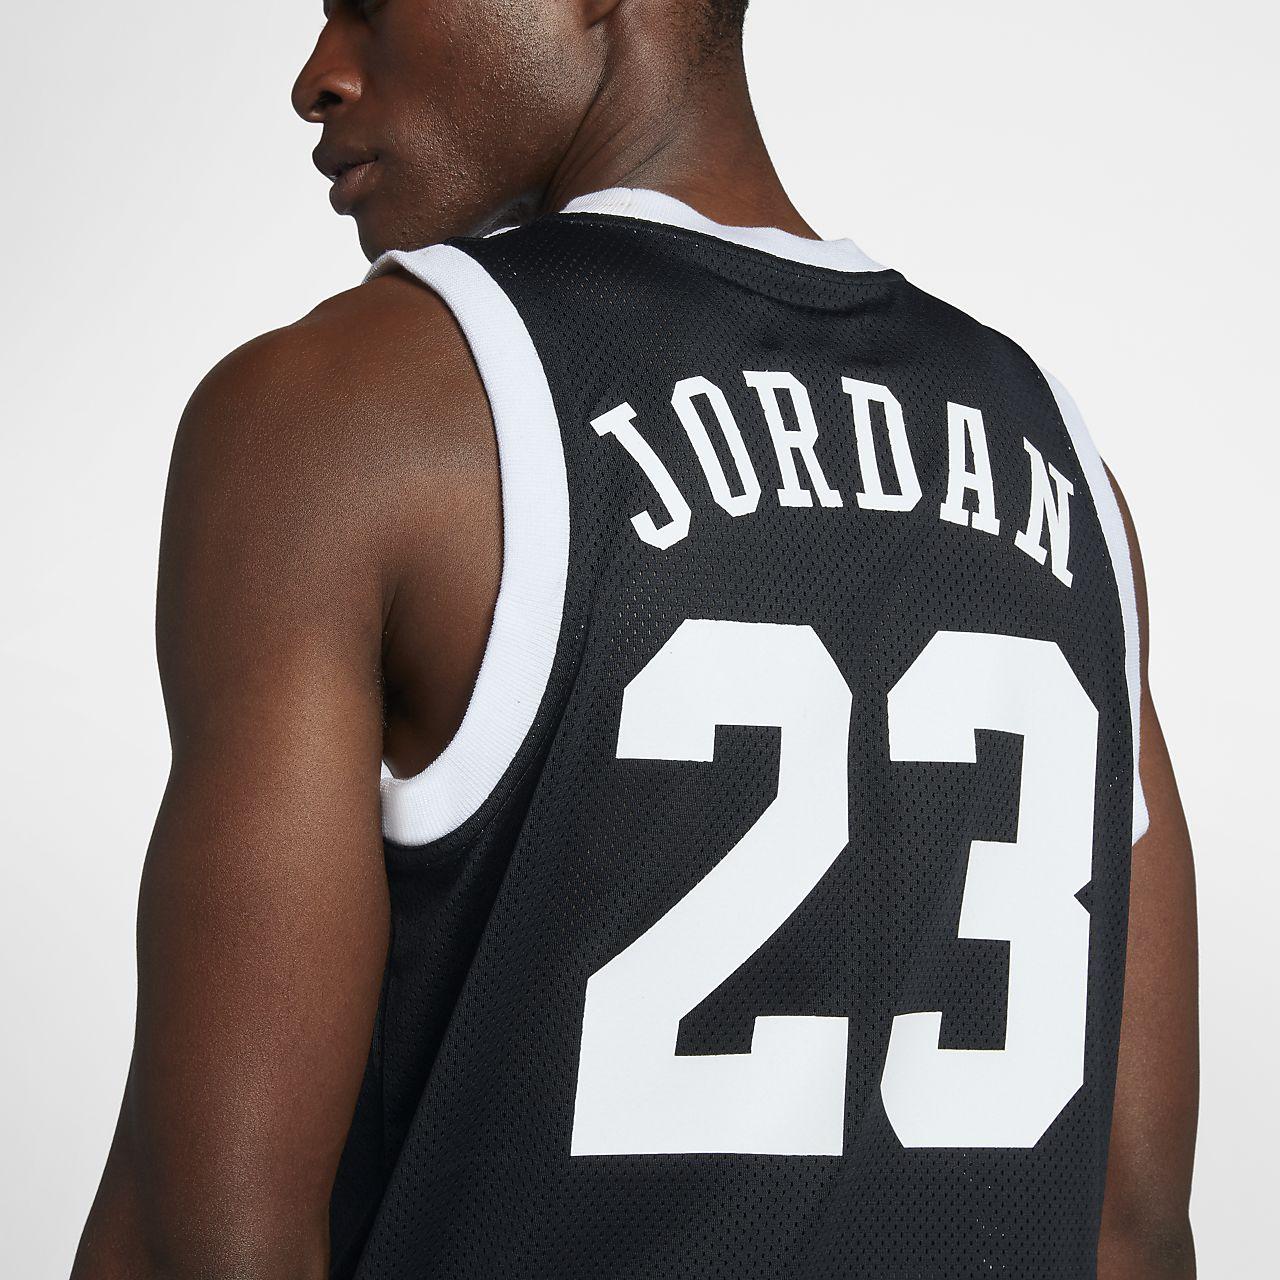 d1495e1f460 Jordan Jumpman Air Mesh Men's Basketball Jersey. Nike.com CA